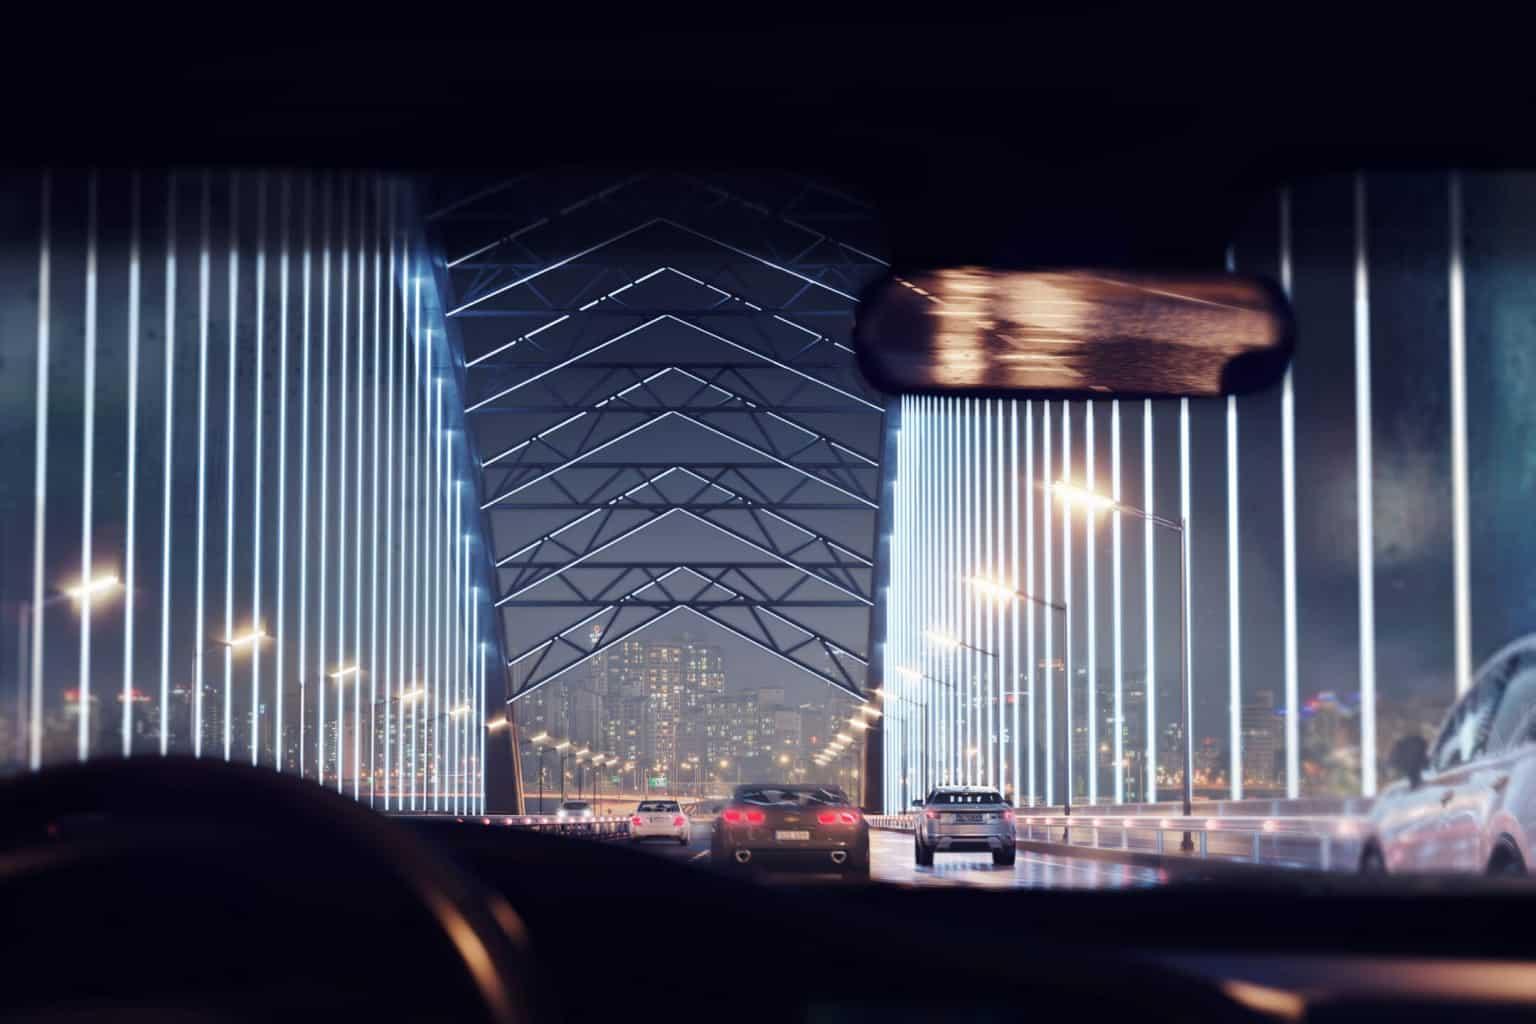 Imagens de carros em visualizações 3D - Arquiteto: promova de maneira inteligente seus serviços com a visualização 3D